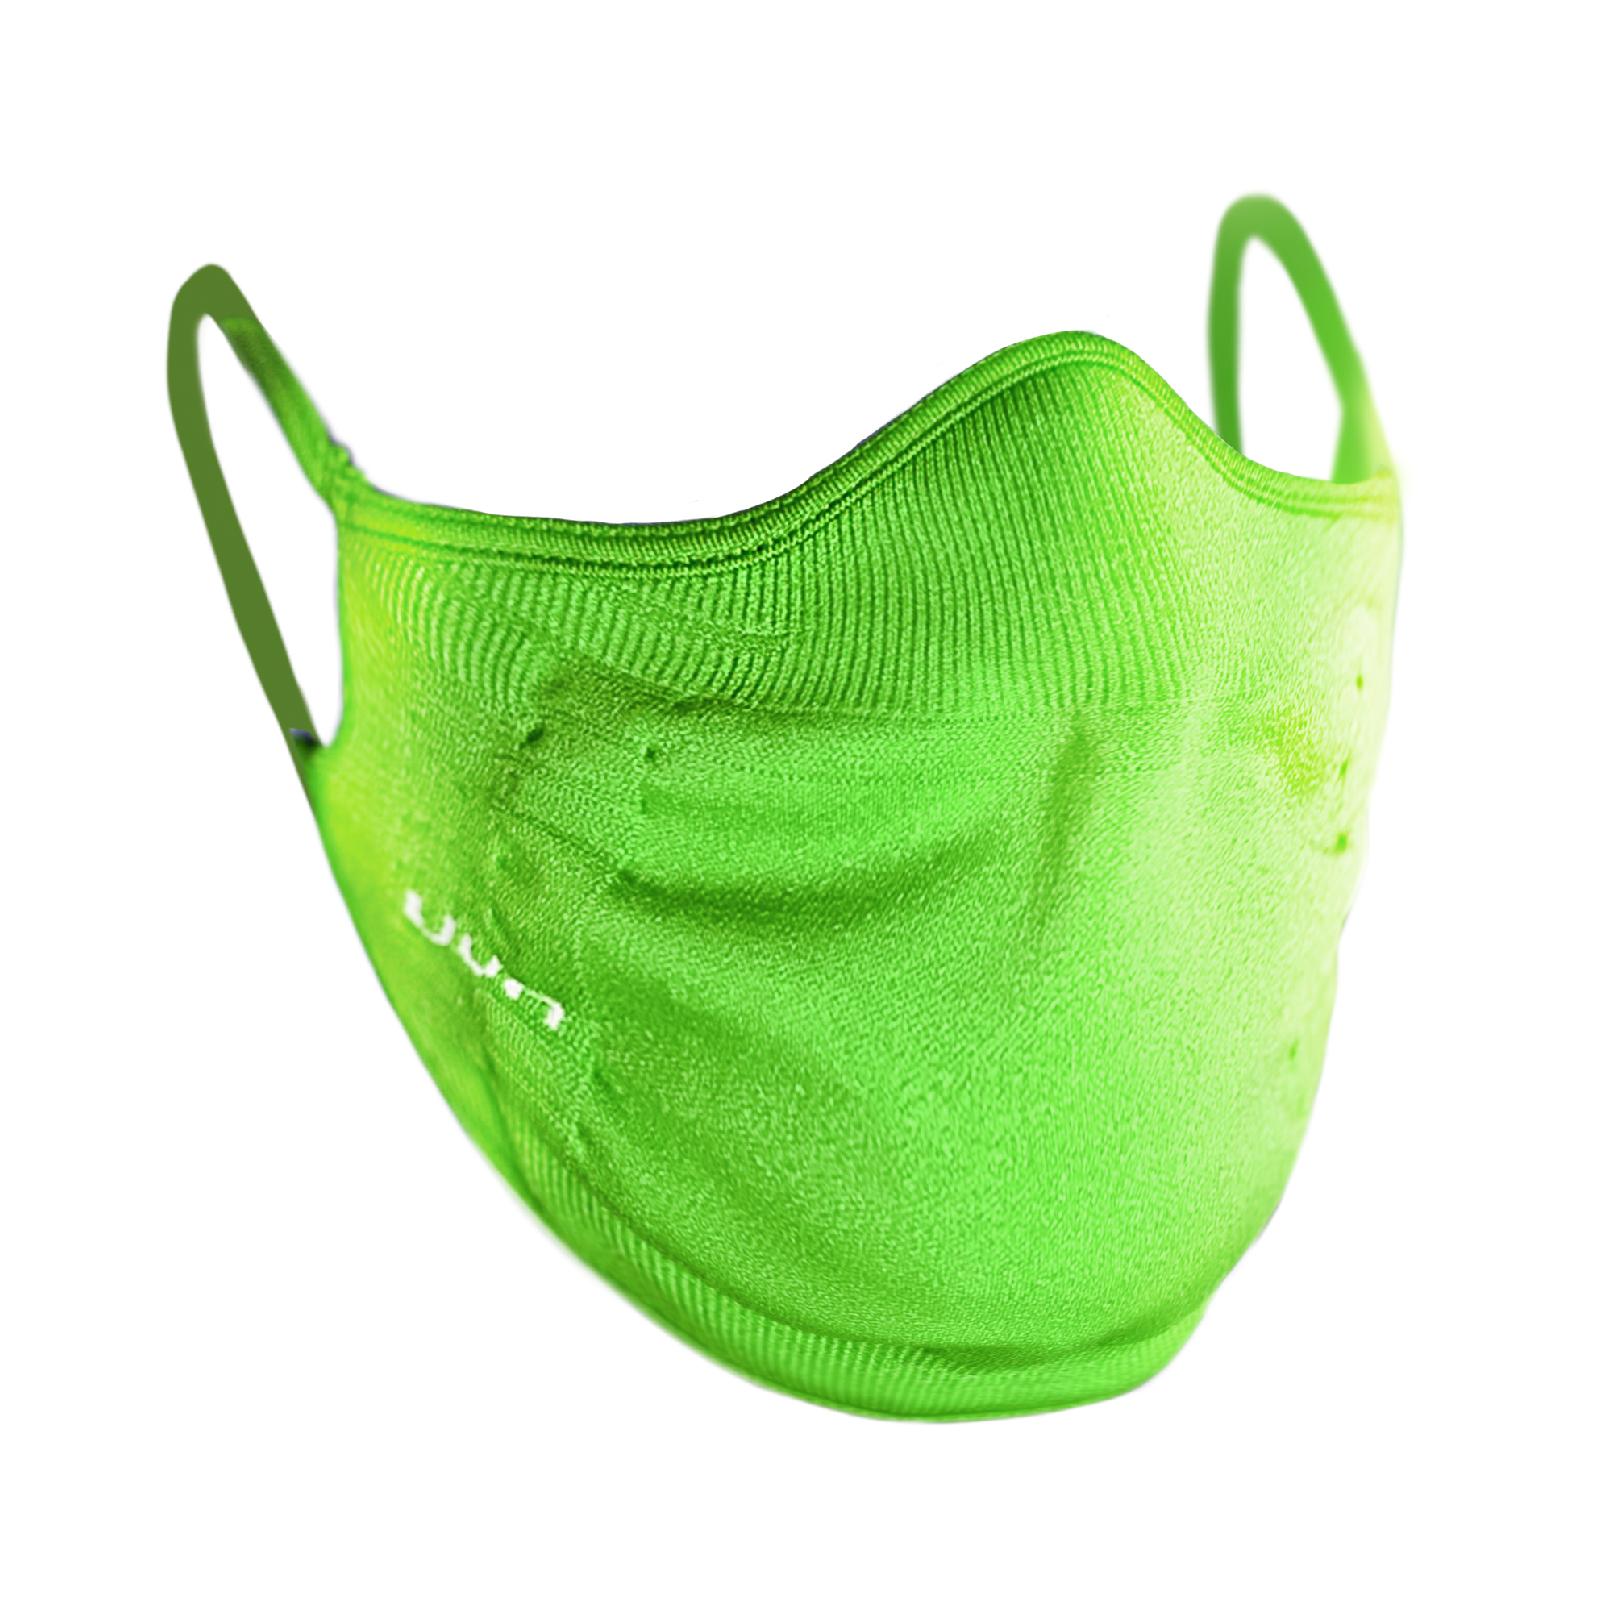 Mit der Maske gegen den Virus: UYN Community Gesichtsmasken – Ergonomisch, sportlich und waschbar